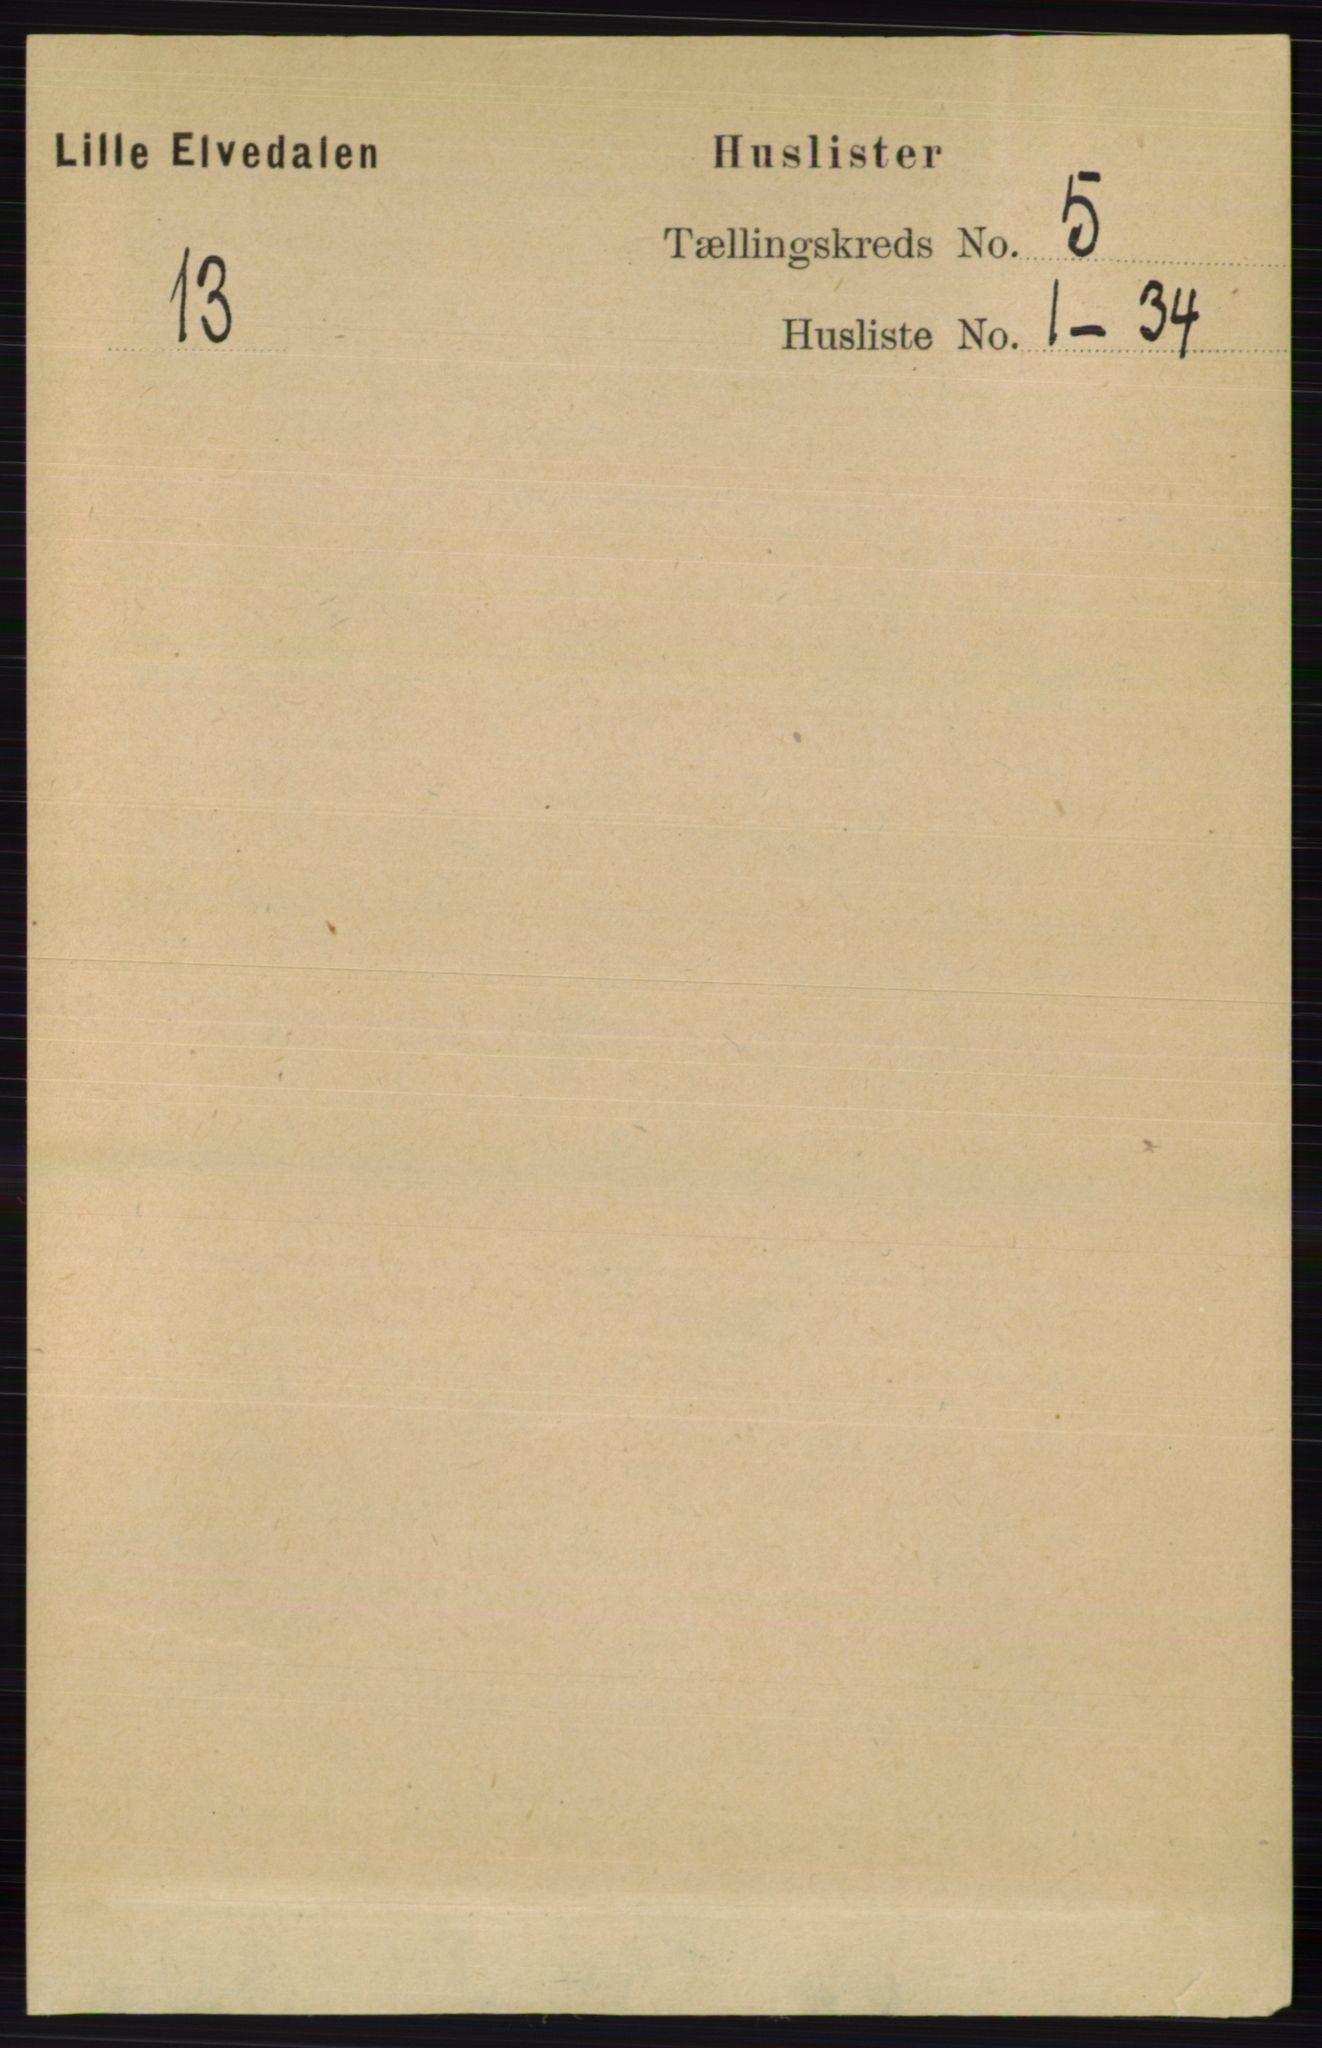 RA, Folketelling 1891 for 0438 Lille Elvedalen herred, 1891, s. 1507